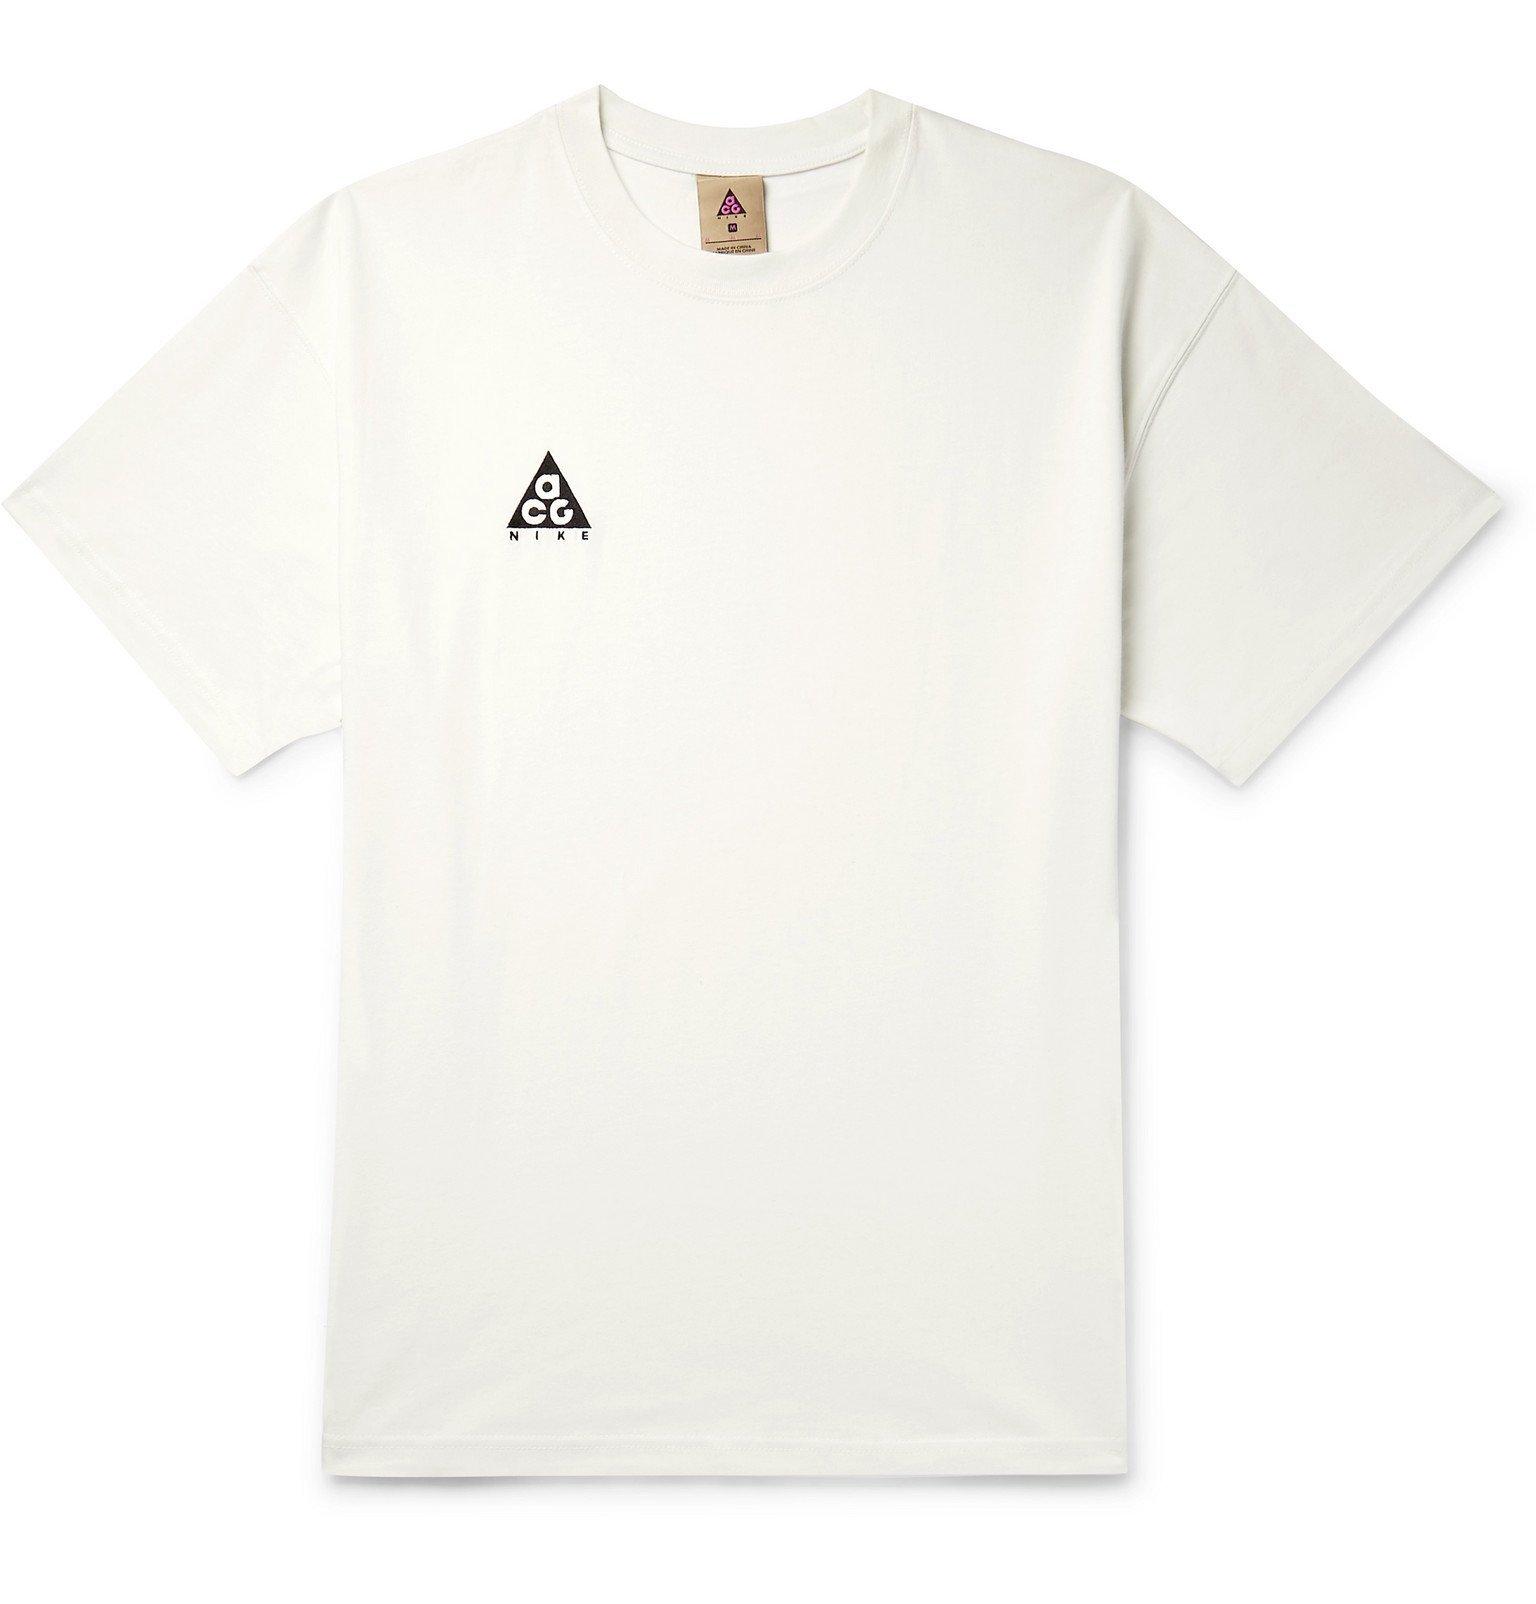 best service 88622 8d8e9 Stolen Girlfriends Club SSENSE Exclusive White Lightning T-Shirt